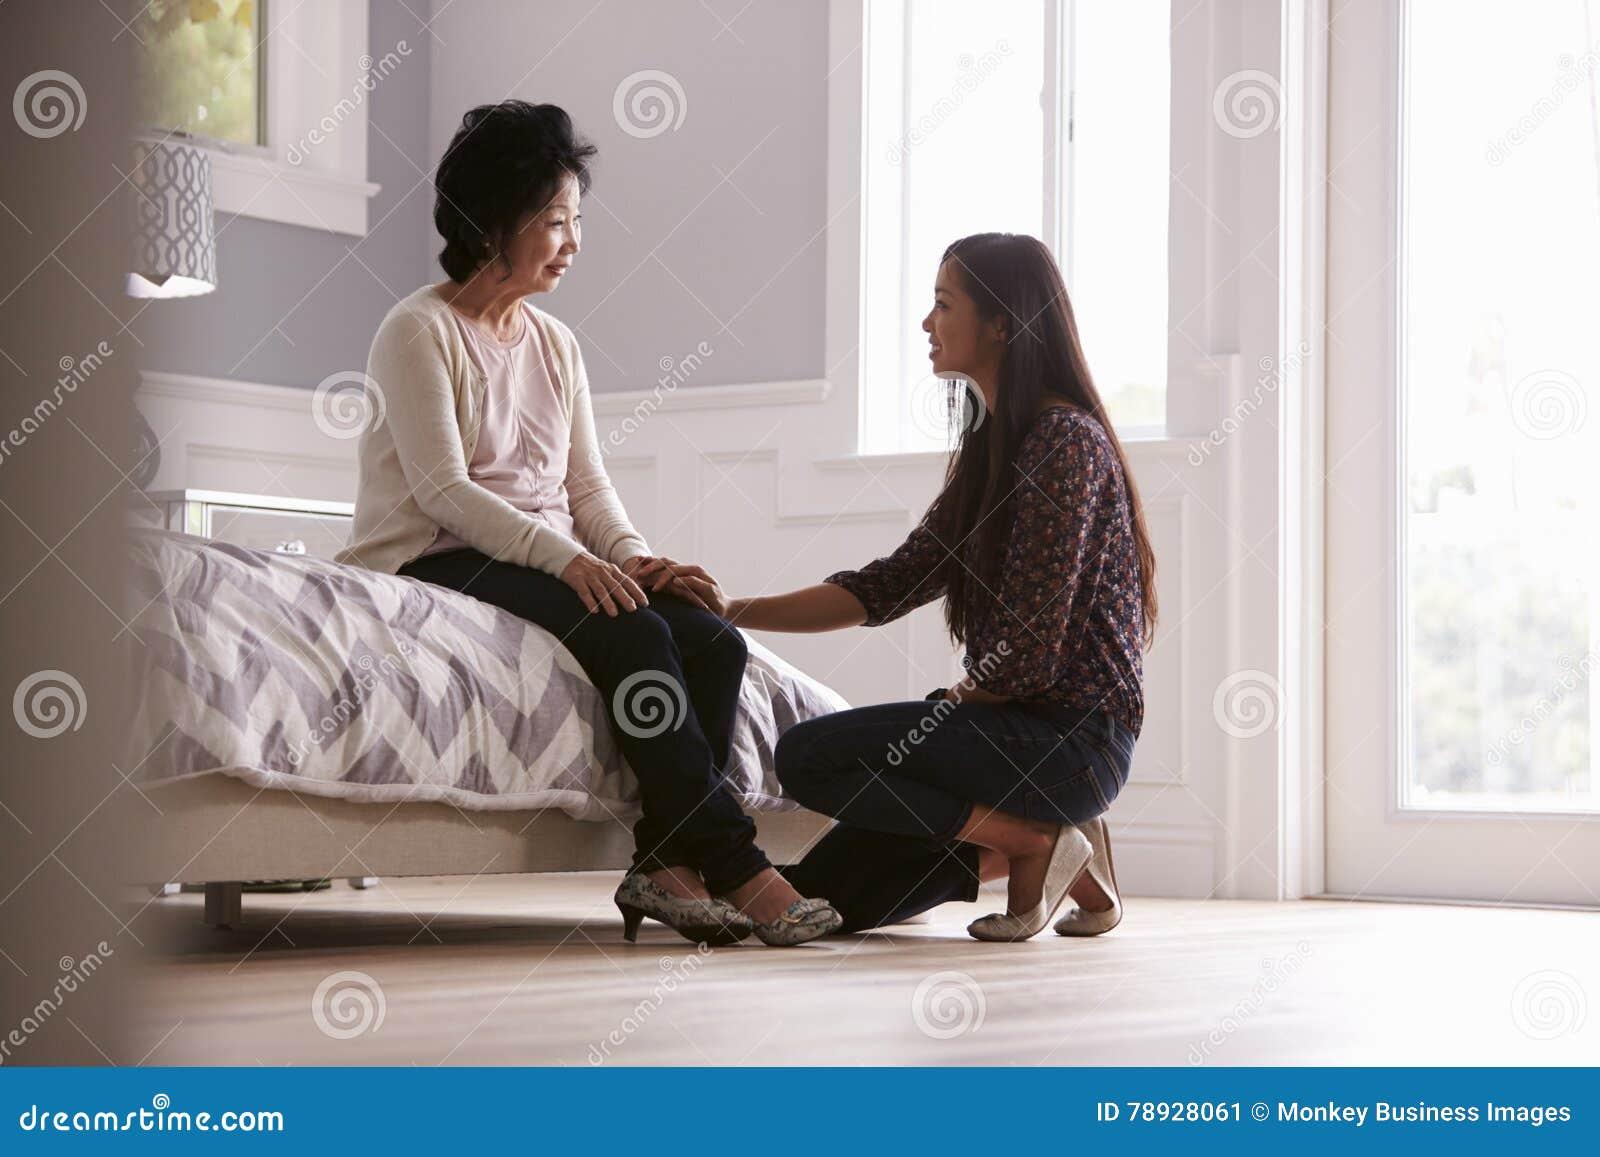 Hija adulta que habla con la madre deprimida en casa